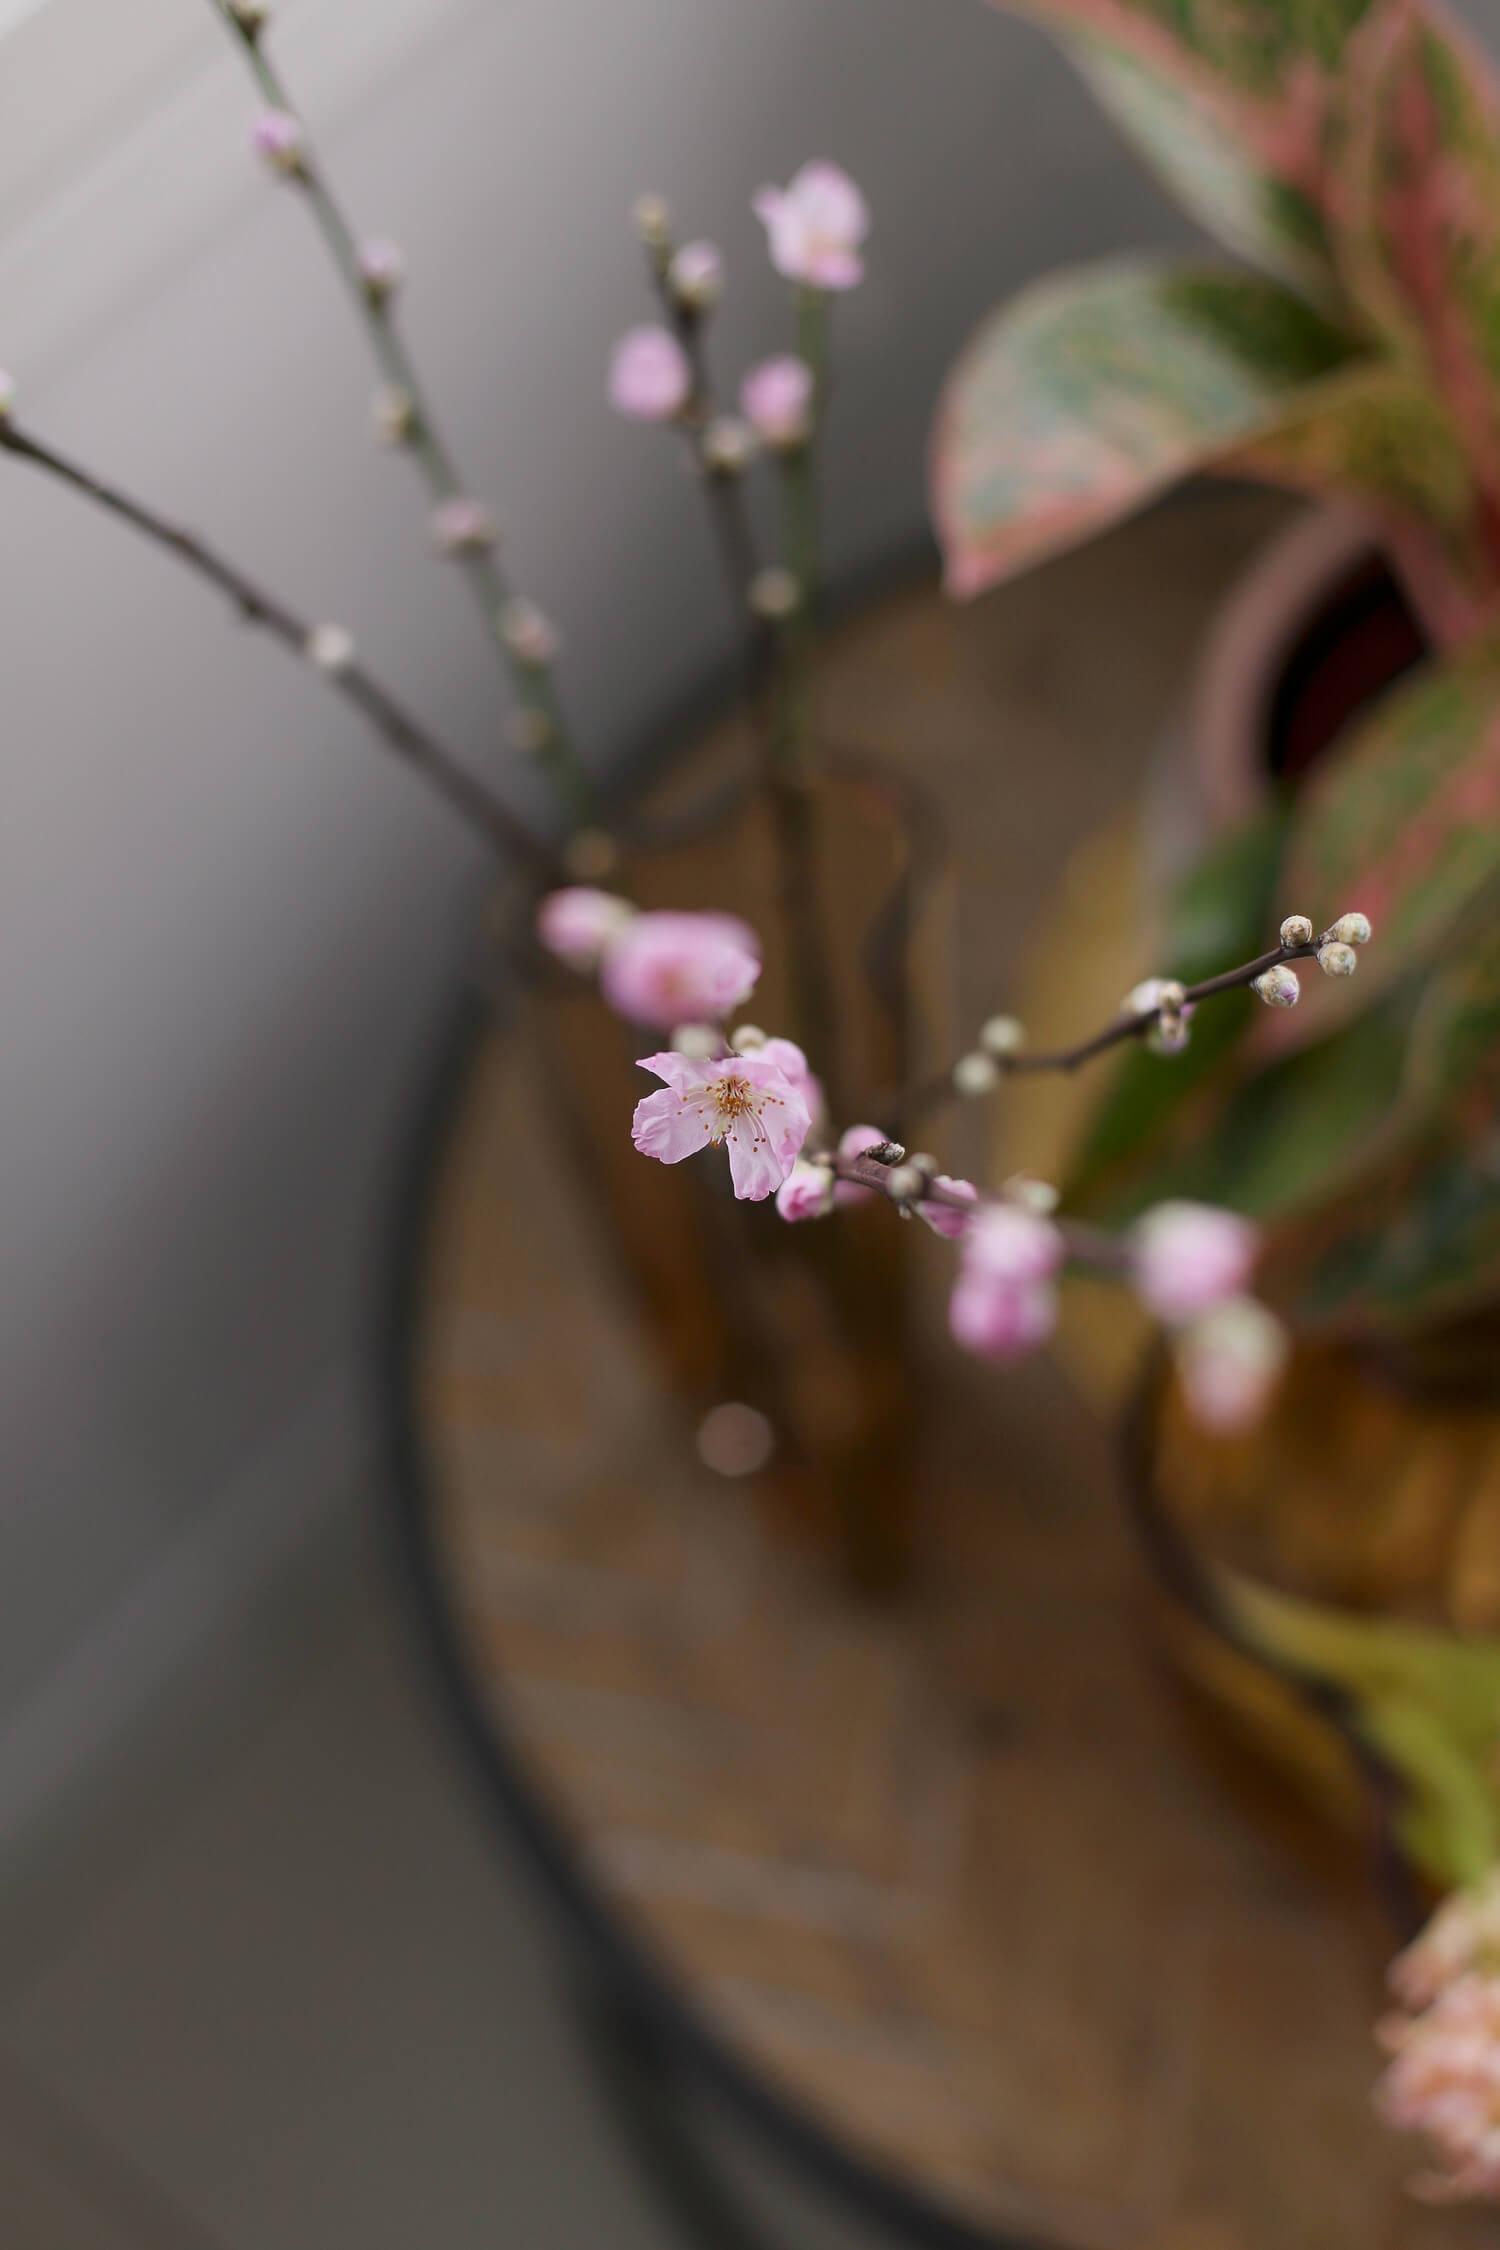 ihana vaaleanpunainen kukkiva kirsikanoksa aalromaljakossa